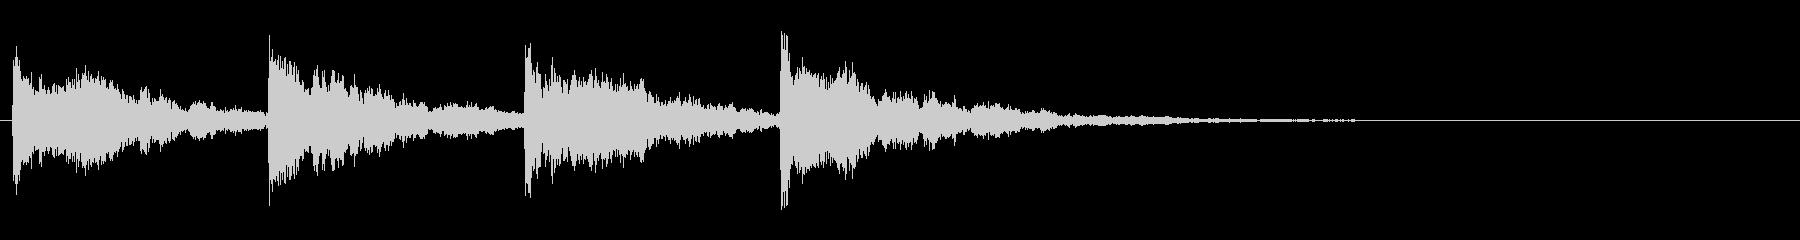 幻想的なサウンドロゴ、ジングルの未再生の波形